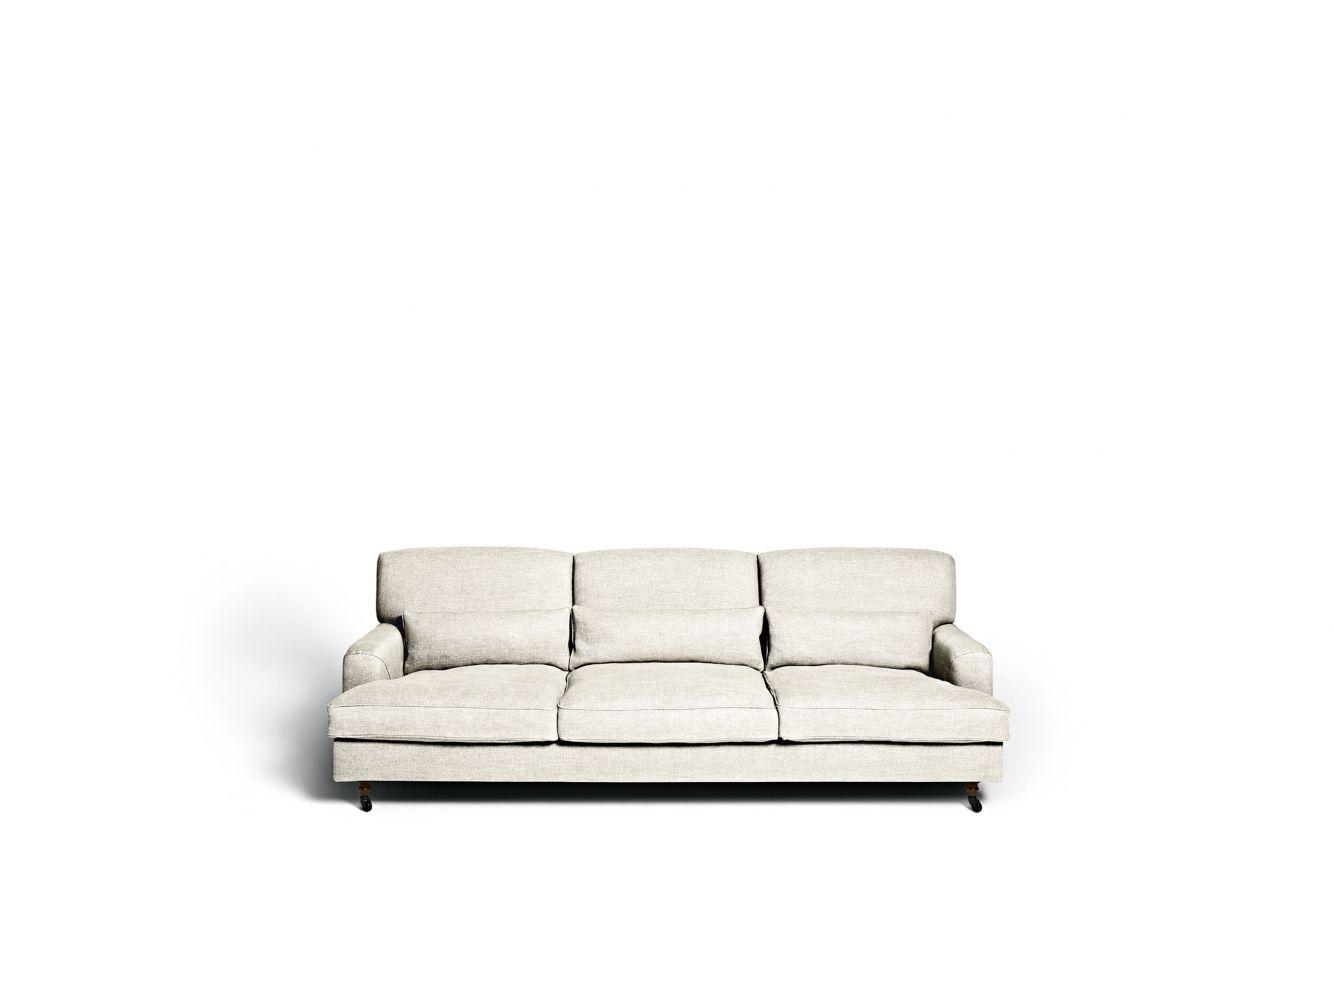 De Padova / Gärtner Internationale Möbel